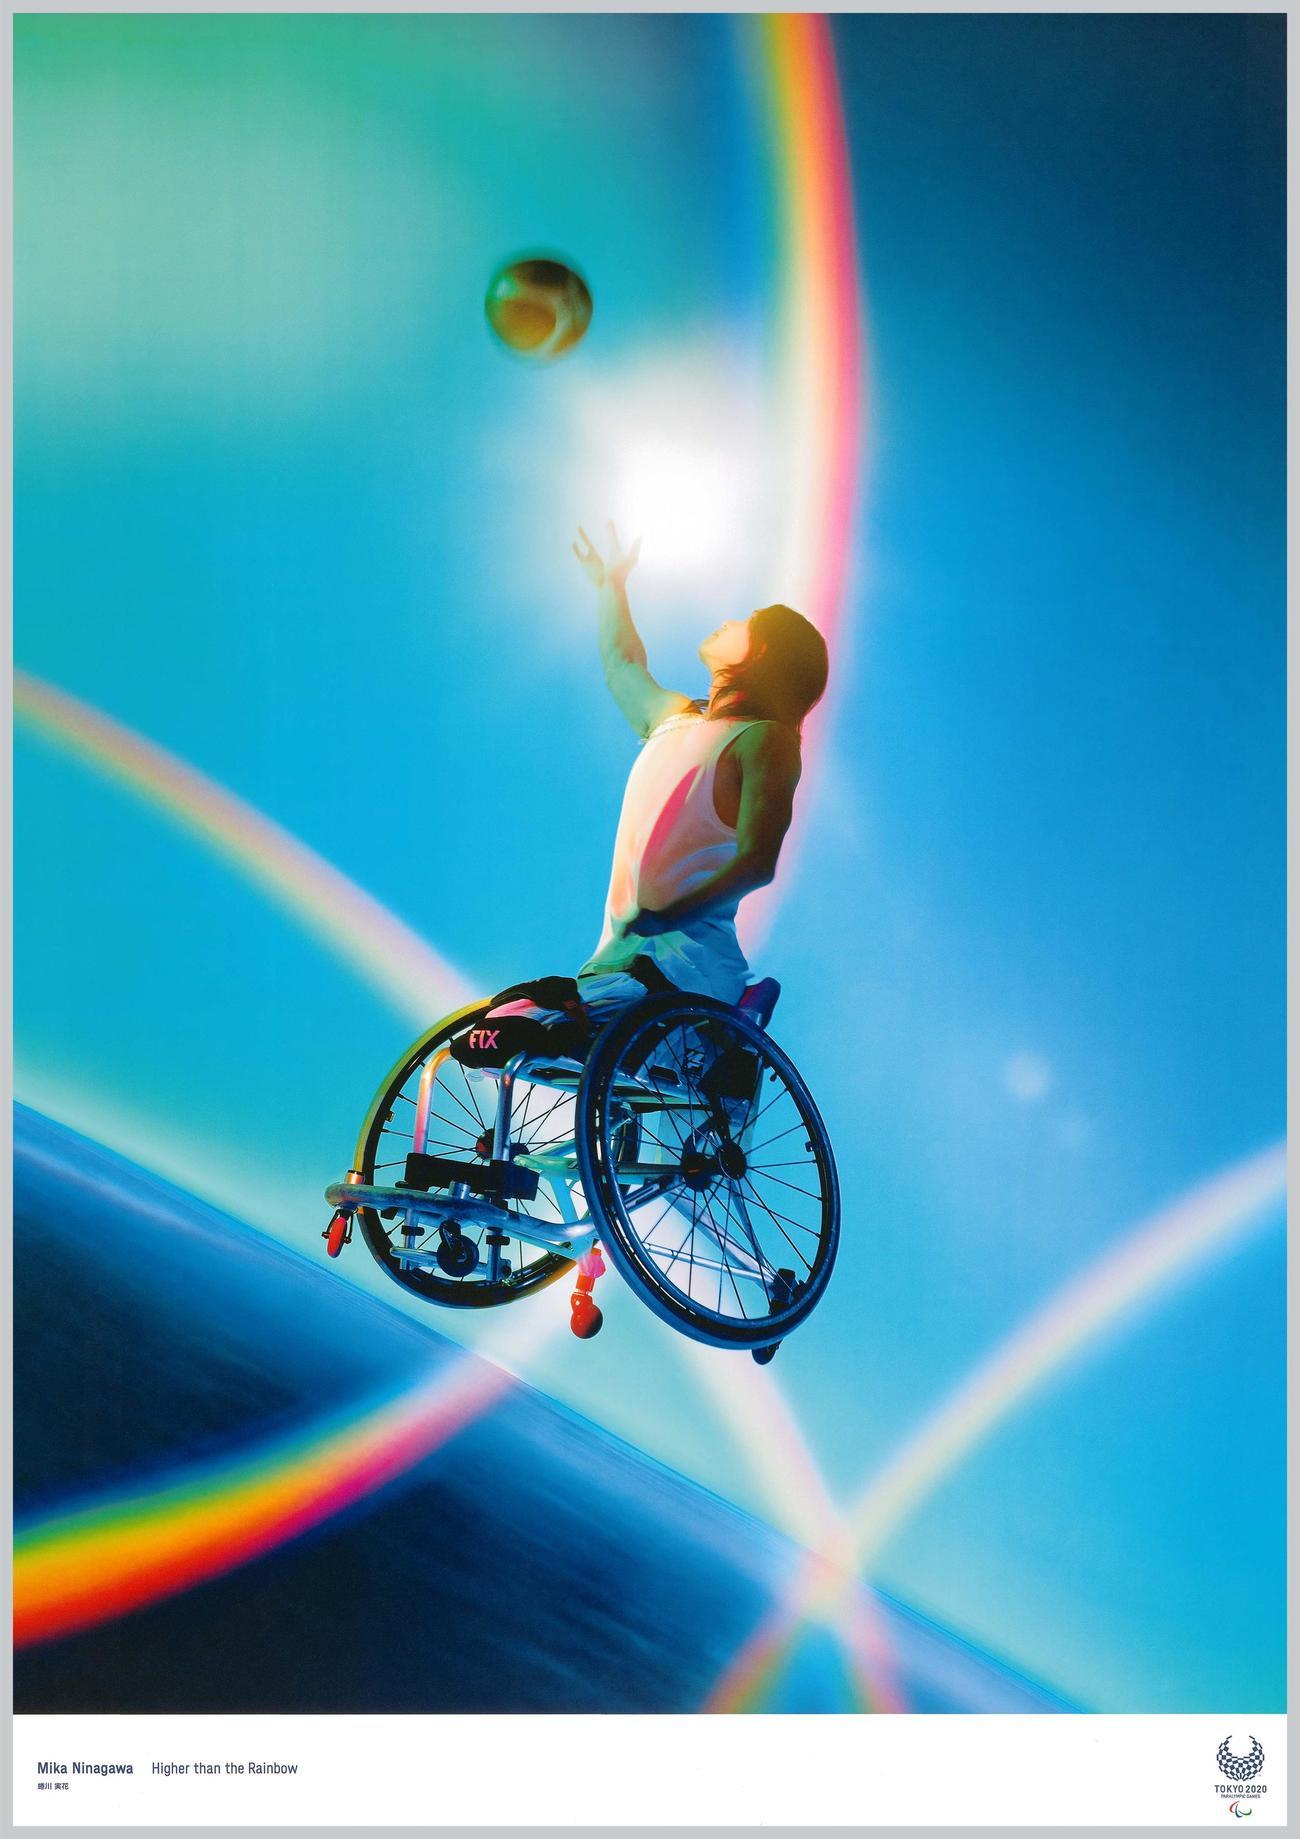 写真家の蜷川実花氏が手掛けたパラリンピックをテーマにした作品「Higher than the Rainbow」@Tokyo2020